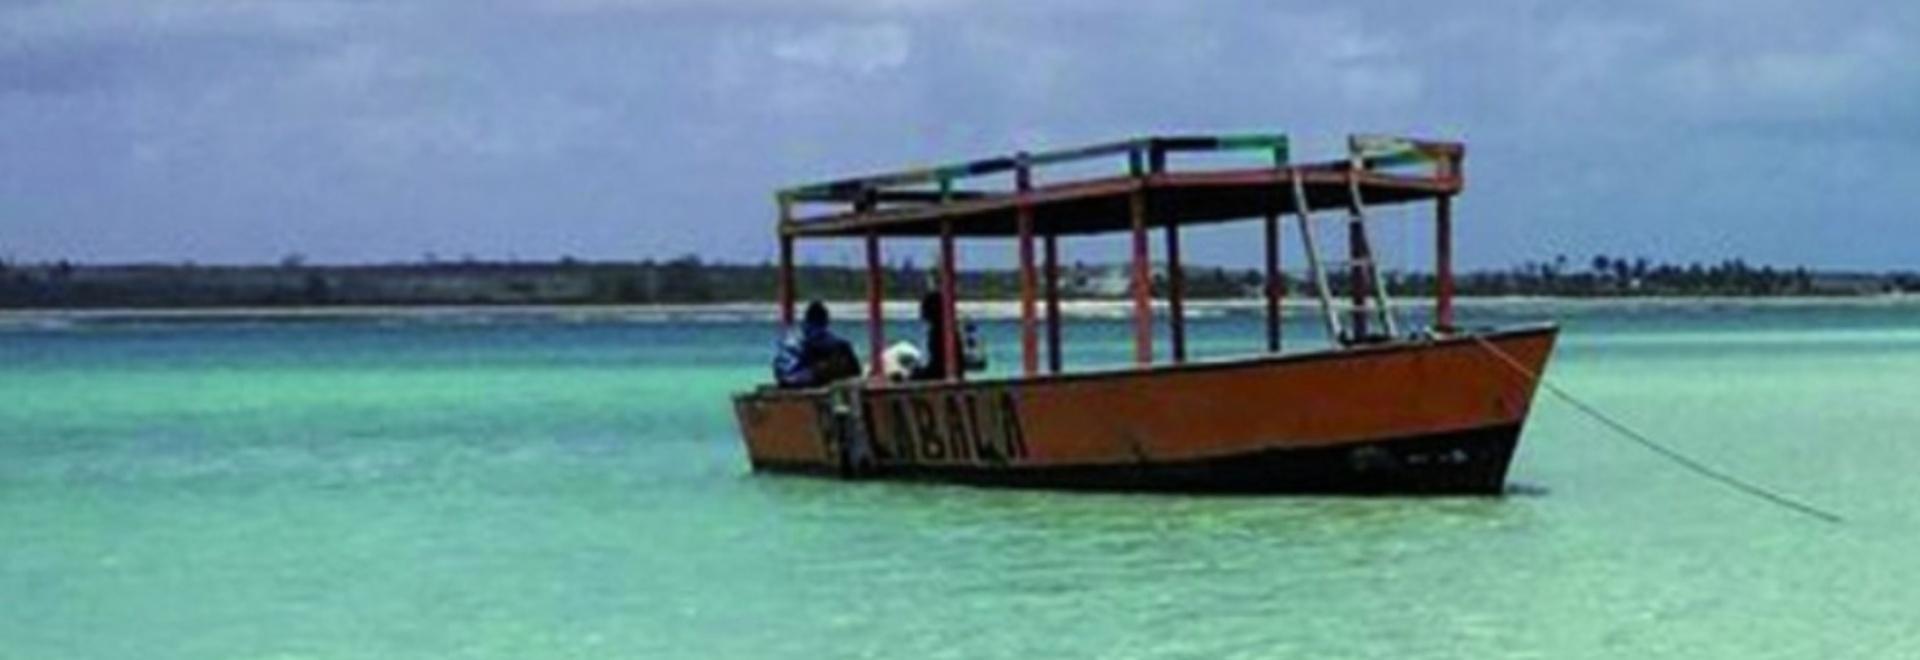 Samanà Magia Caraibica